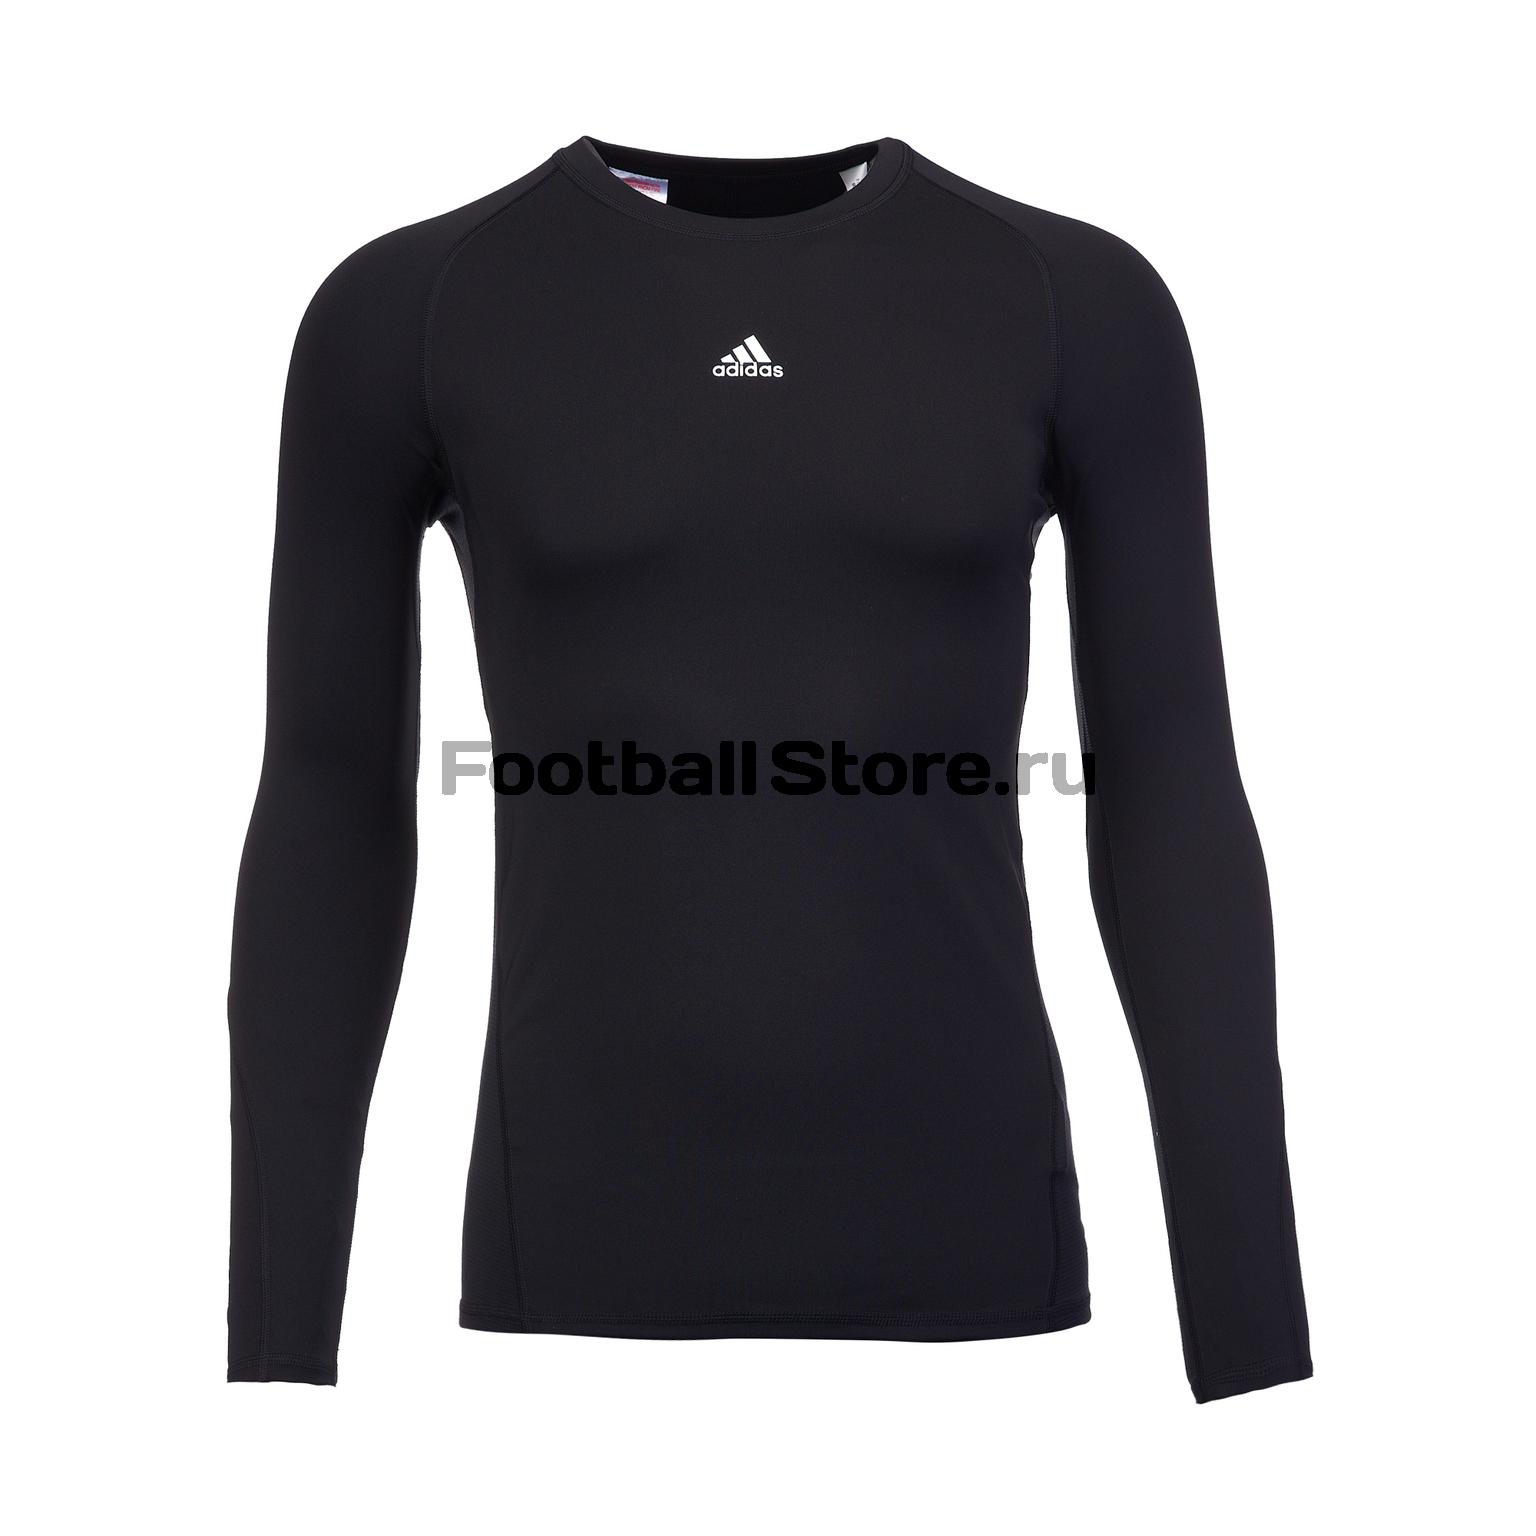 Белье футболка подростковая Adidas LS Tee CW7324 футболка adidas футболка stu clima tee